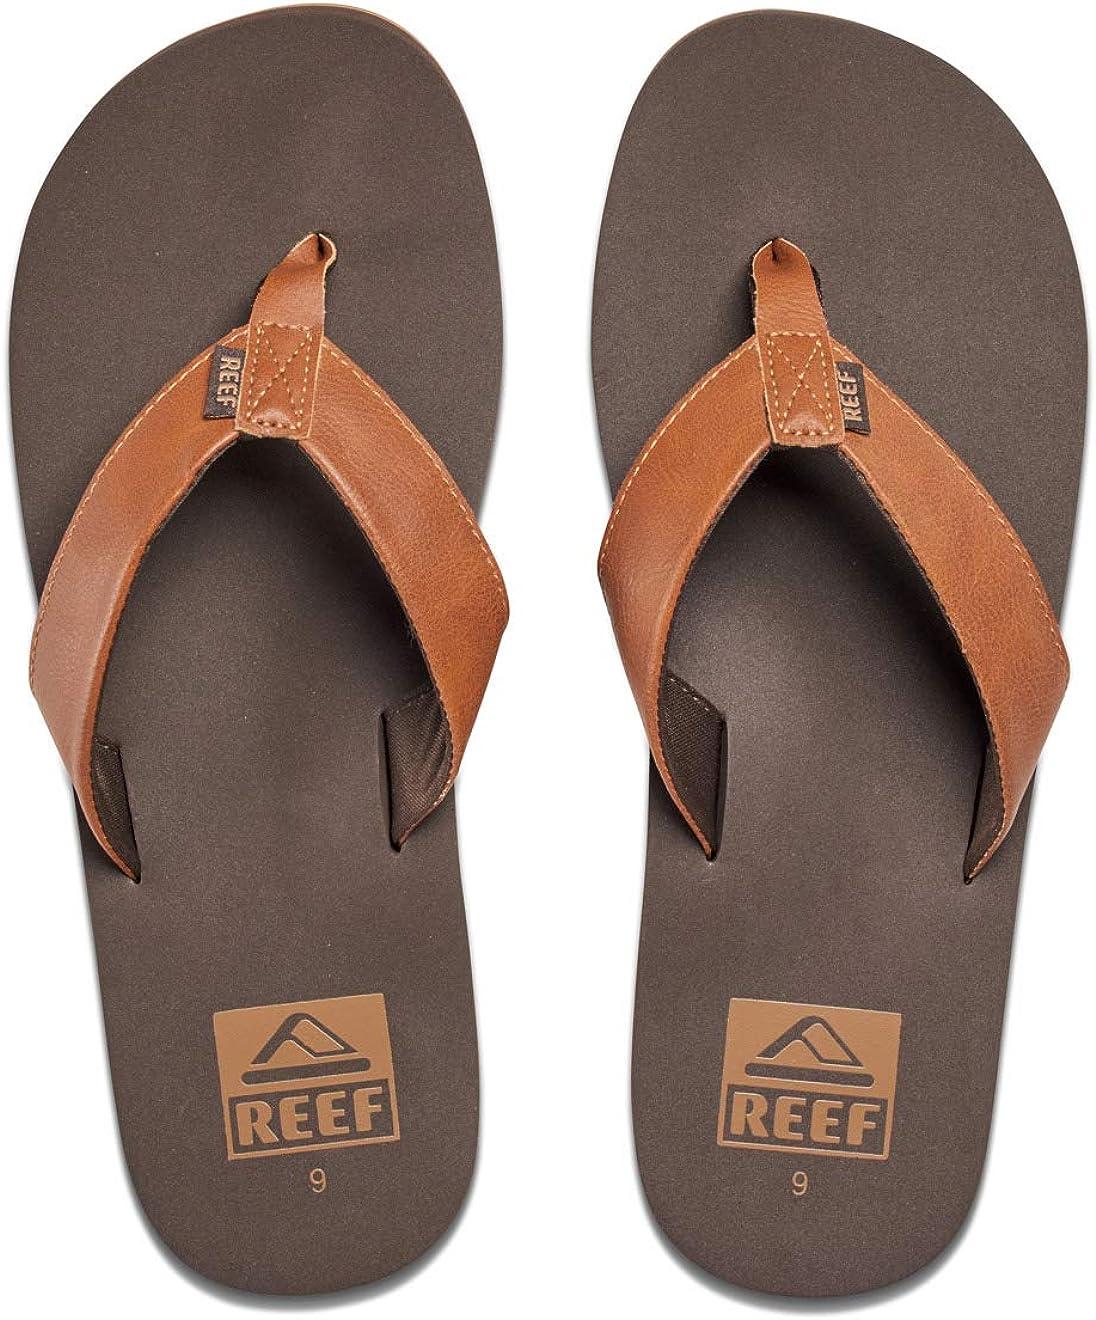 Reef Men's Sandal Twinpin | Comfortable Men's Flip Flop With Vegan Leather Upper, Grey, 7